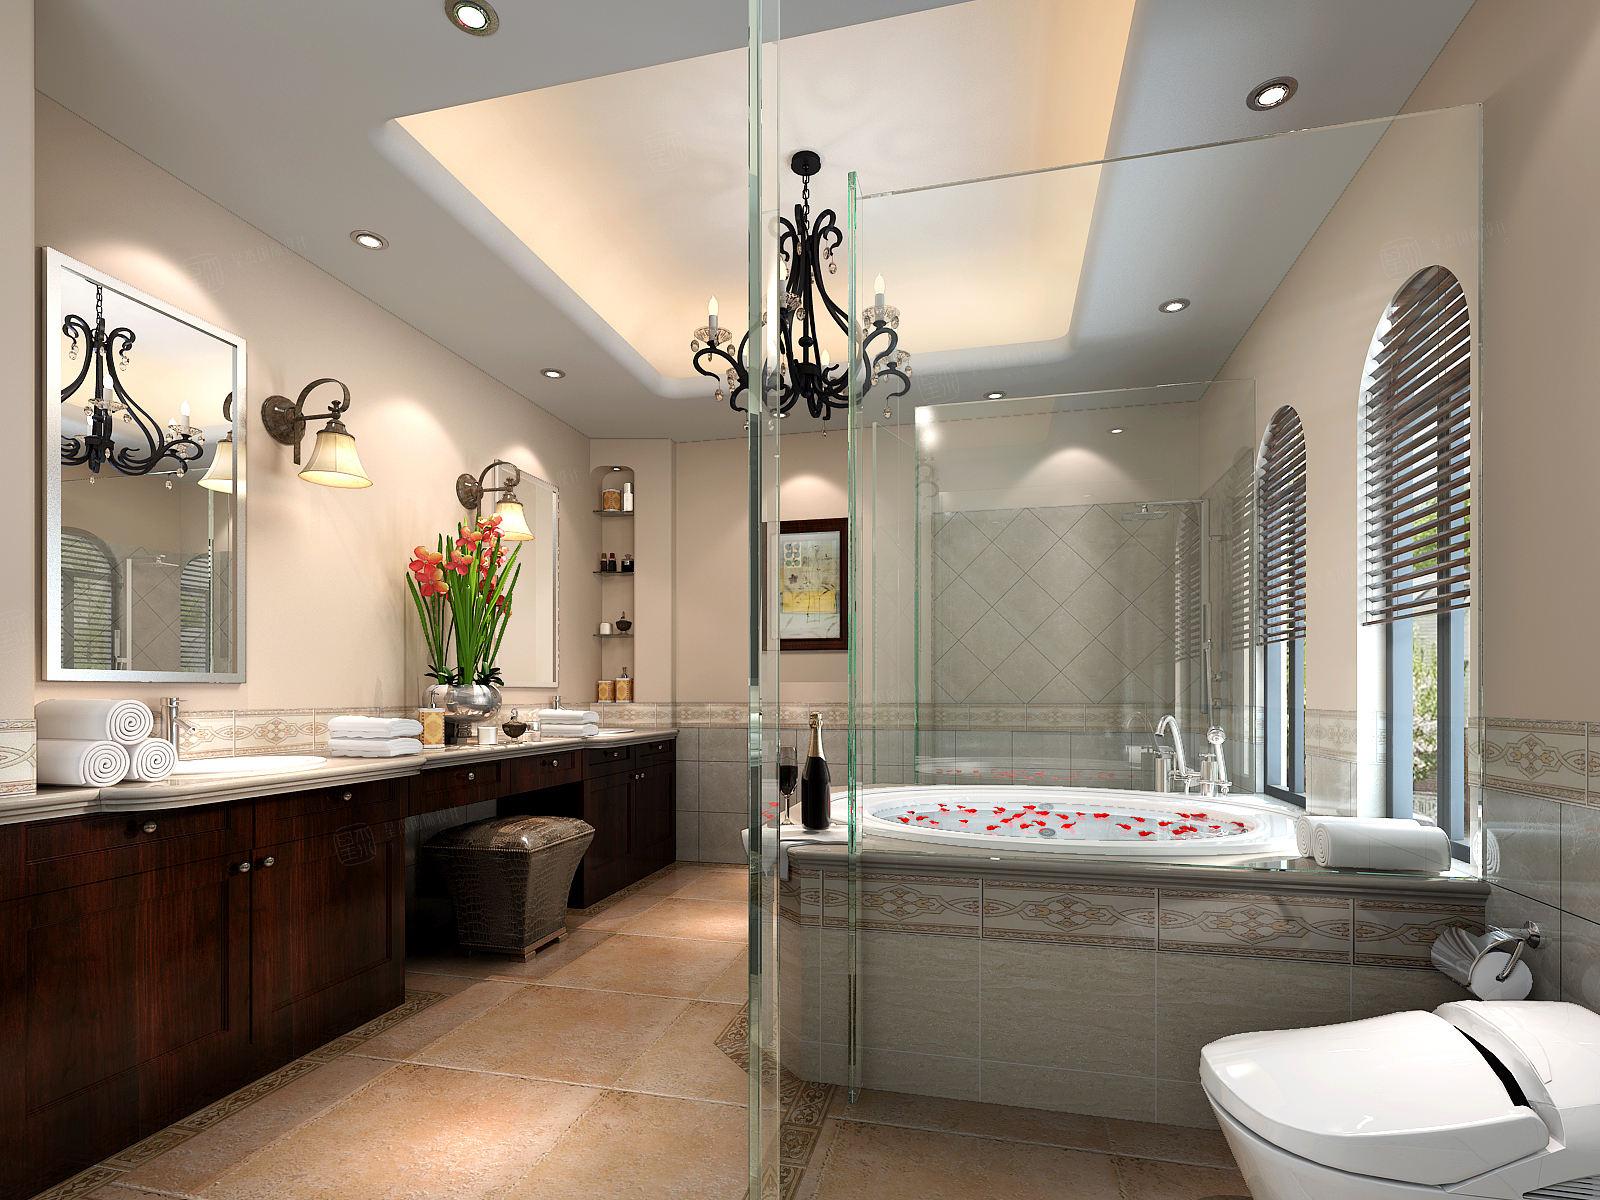 圣塔路斯 美式装修卫生间效果图